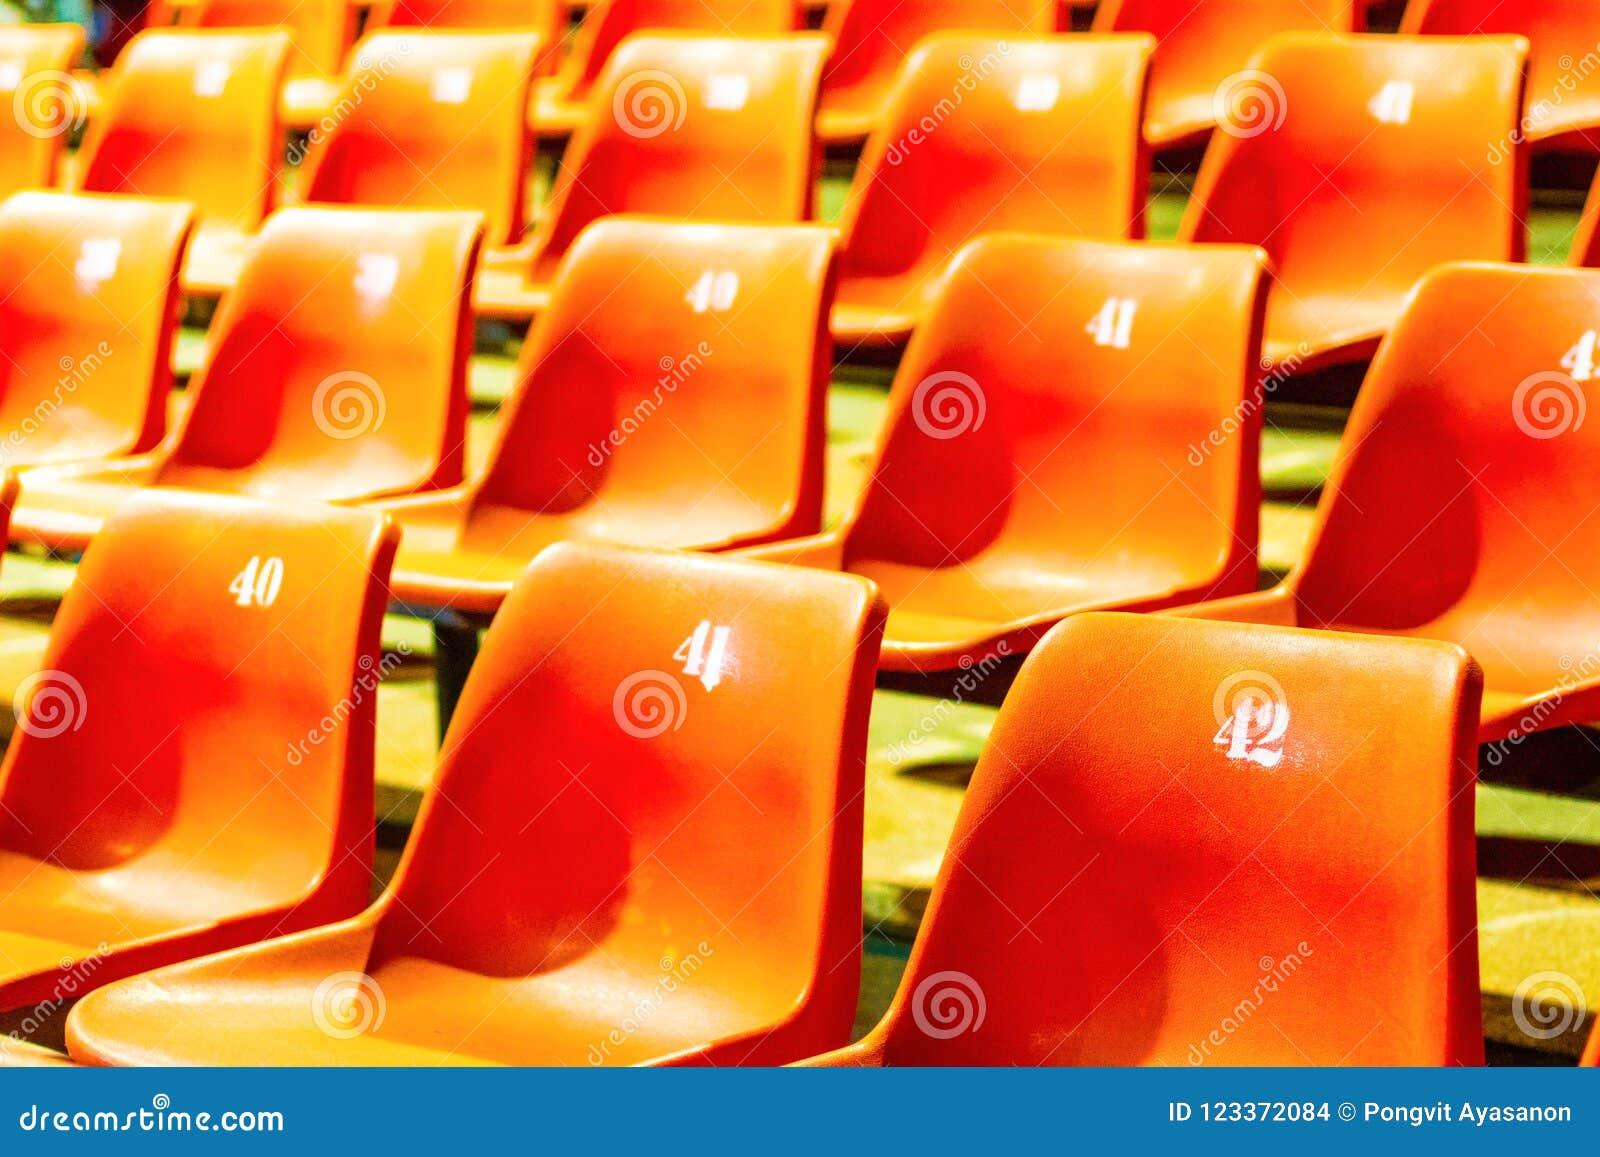 Reme la naranja plástica de la silla con todos los números en el ro grande de la conferencia